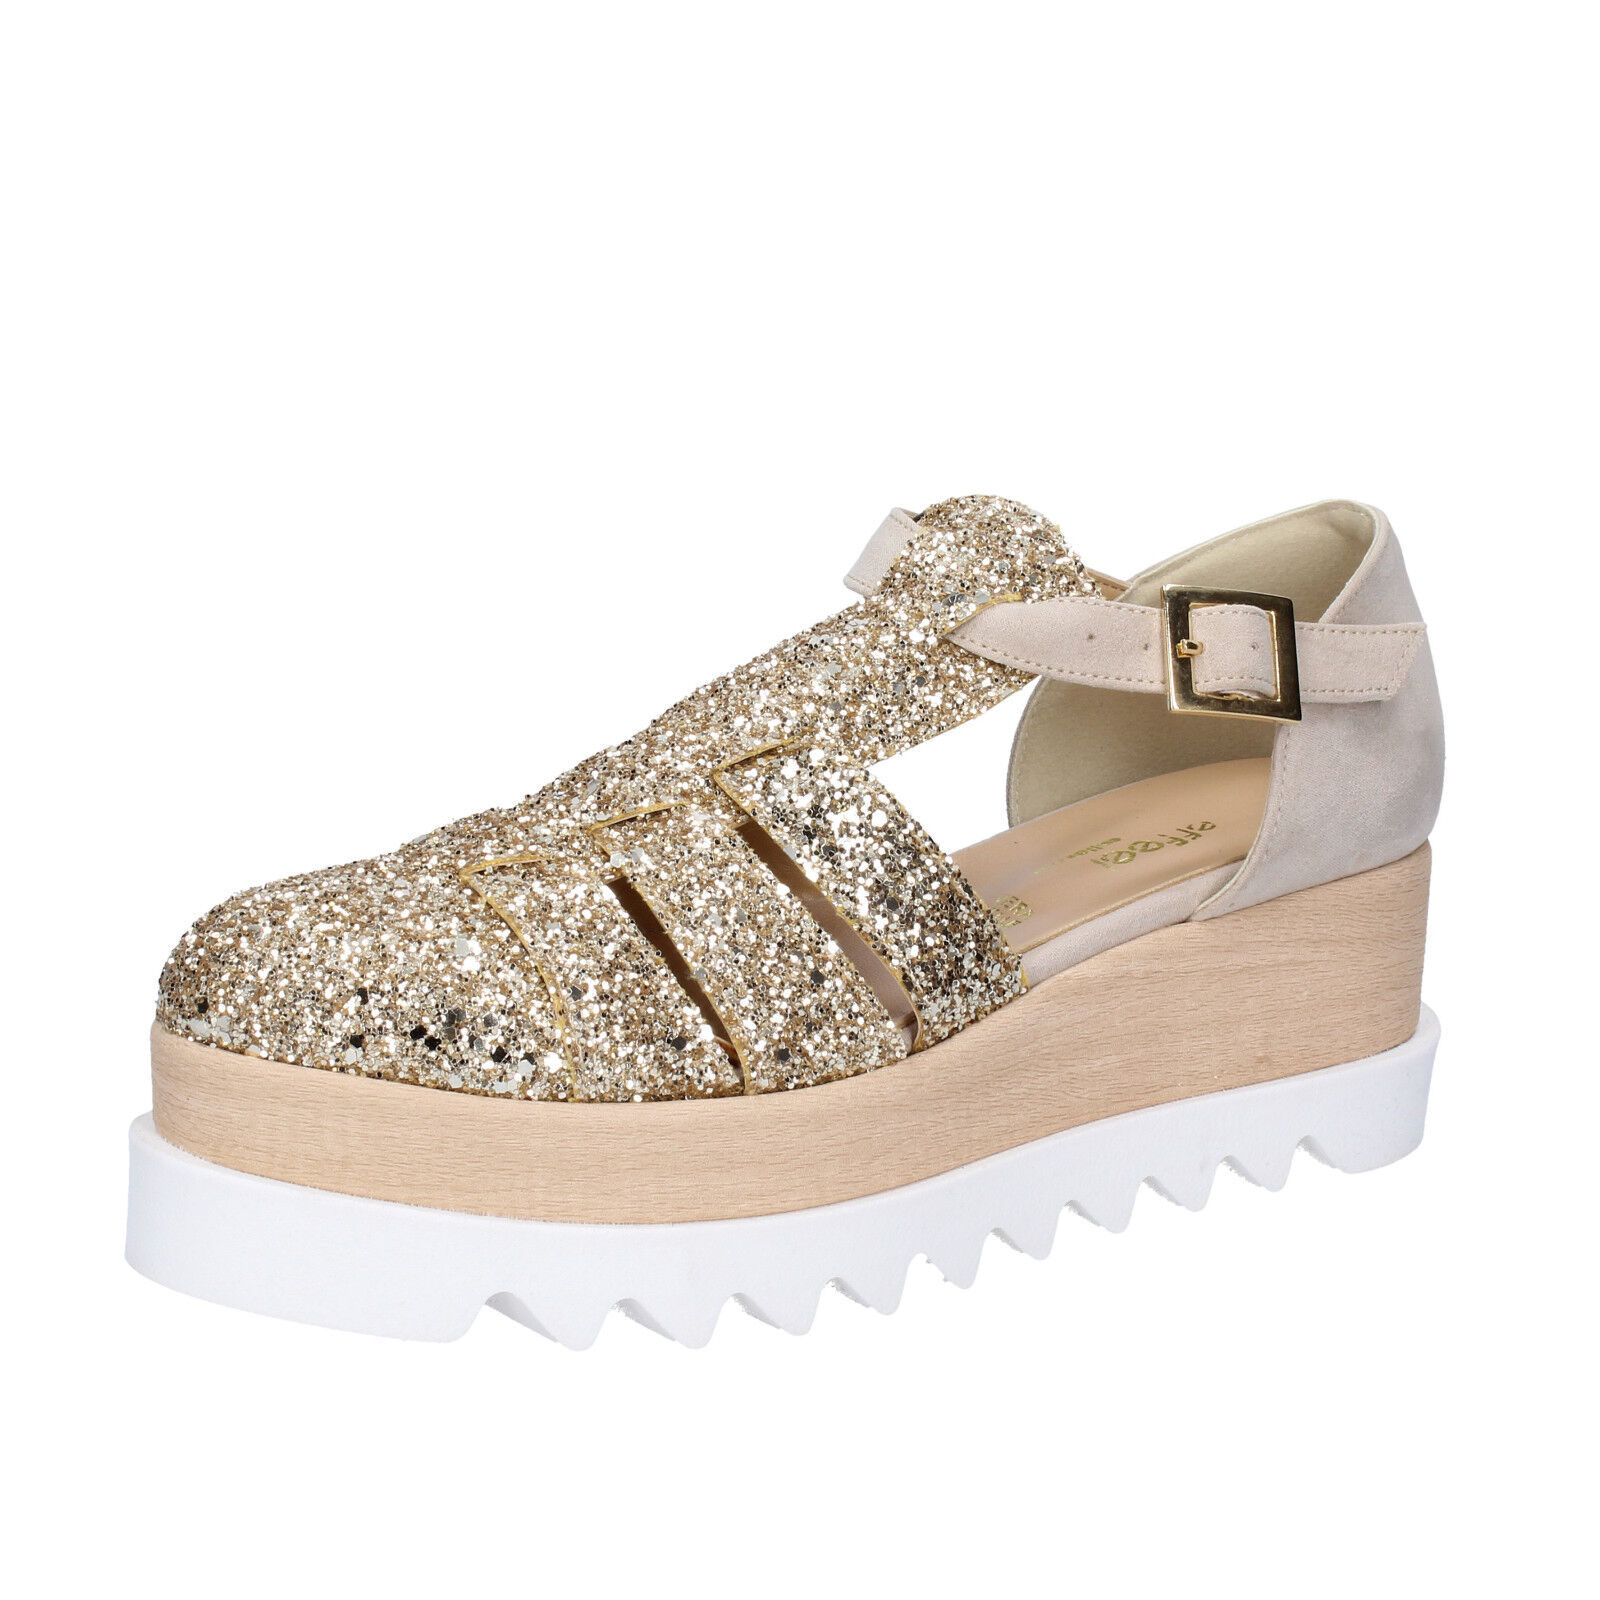 Wohommes chaussures EFFEEL 10 (EU 40) sandals beige glitter suede BT794-40